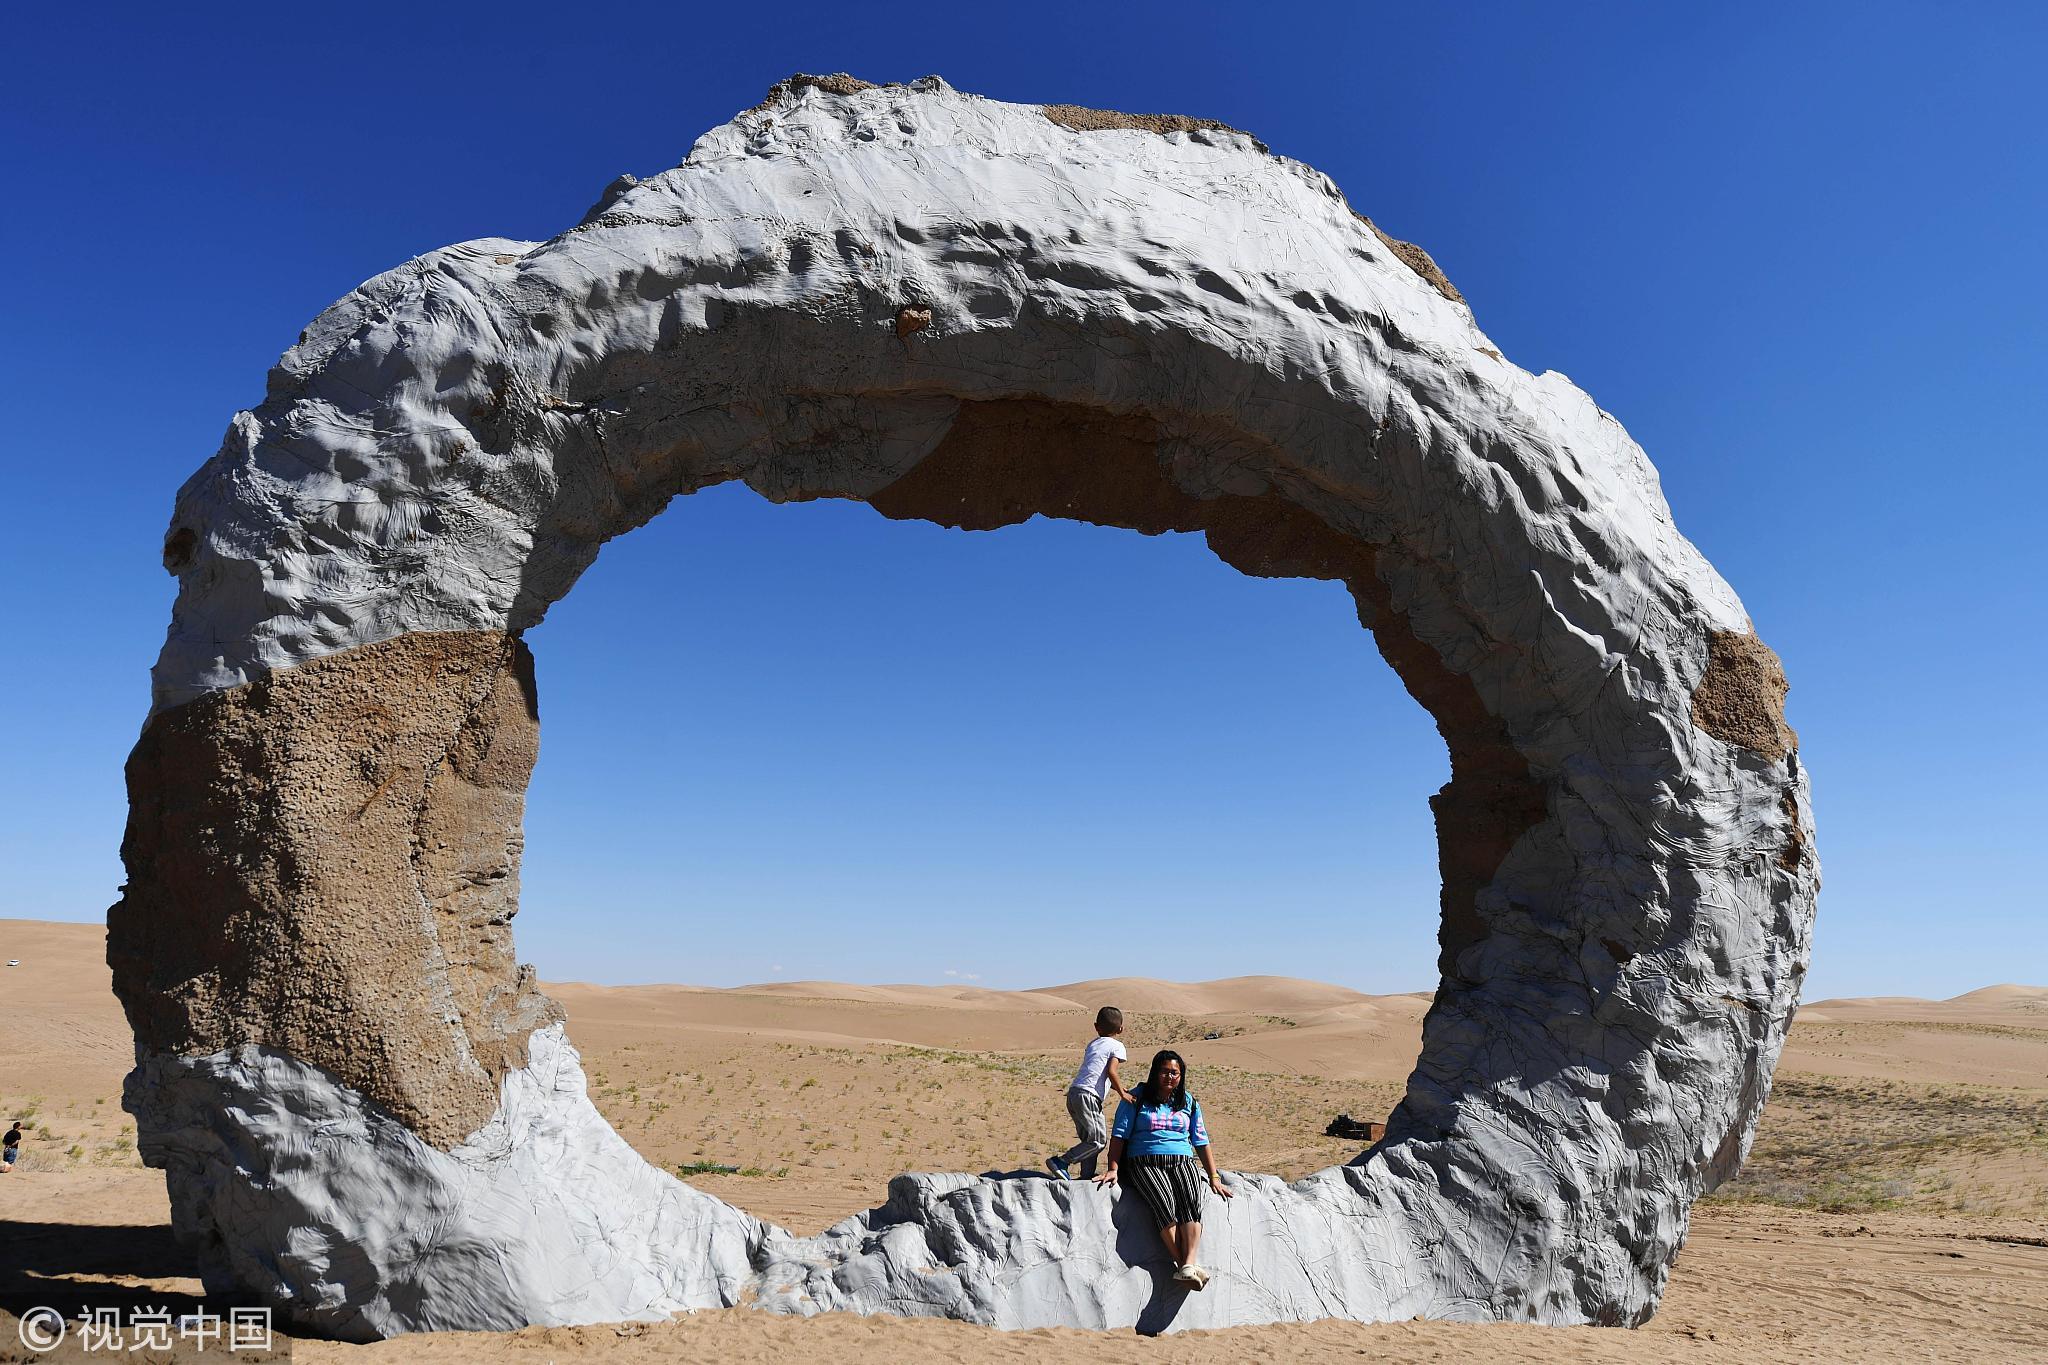 2018年8月22日,向全球征集创作的26件雕塑作品亮相甘肃民勤县的大沙漠中,展现自然与艺术的完美结合。作品接纳GRC、不锈钢、碳钢板、铸铁、铸铜、石材、水泥等材质,充实展现雕塑的艺术魅力、沙漠的众多壮观以及民勤防沙治沙深厚的文化蕴含。 本组图文来源:视觉中国  2018年8月22日,向全球征集创作的26件雕塑作品亮相甘肃民勤县的大沙漠中,展现自然与艺术的完美结合。作品接纳GRC、不锈钢、碳钢板、铸铁、铸铜、石材、水泥等材质,充实展现雕塑的艺术魅力、沙漠的众多壮观以及民勤防沙治沙深厚的文化蕴含。   来源